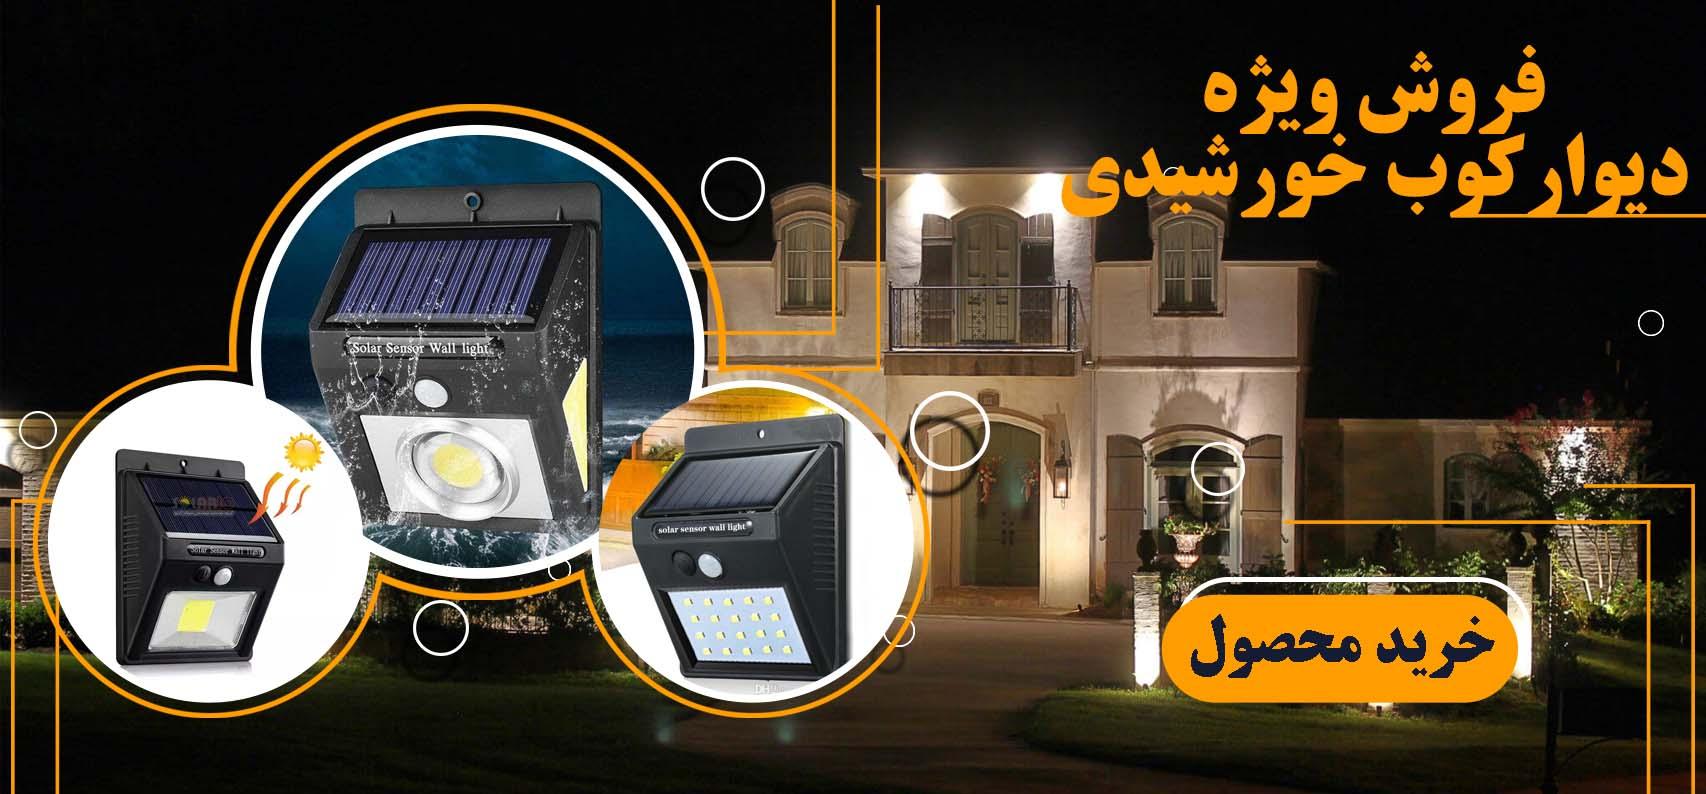 دیوارکوب خورشیدی